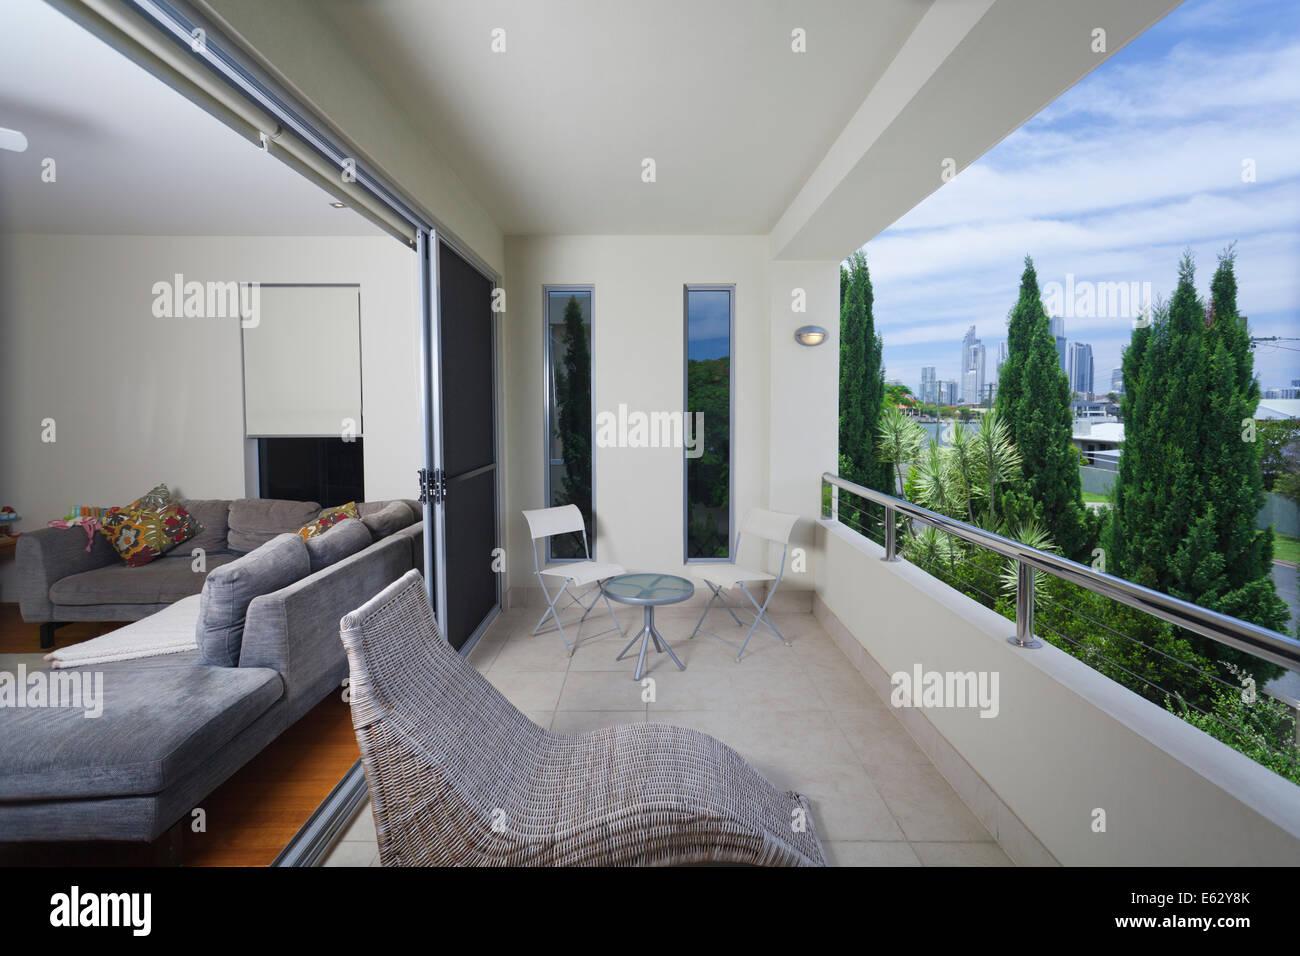 Elegante balcón con sillas con vistas a la ciudad Imagen De Stock